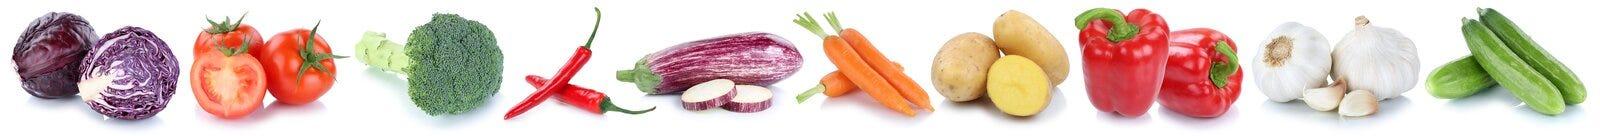 Patatas frescas del pepino de los tomates de las zanahorias de las verduras aisladas adentro Imágenes de archivo libres de regalías